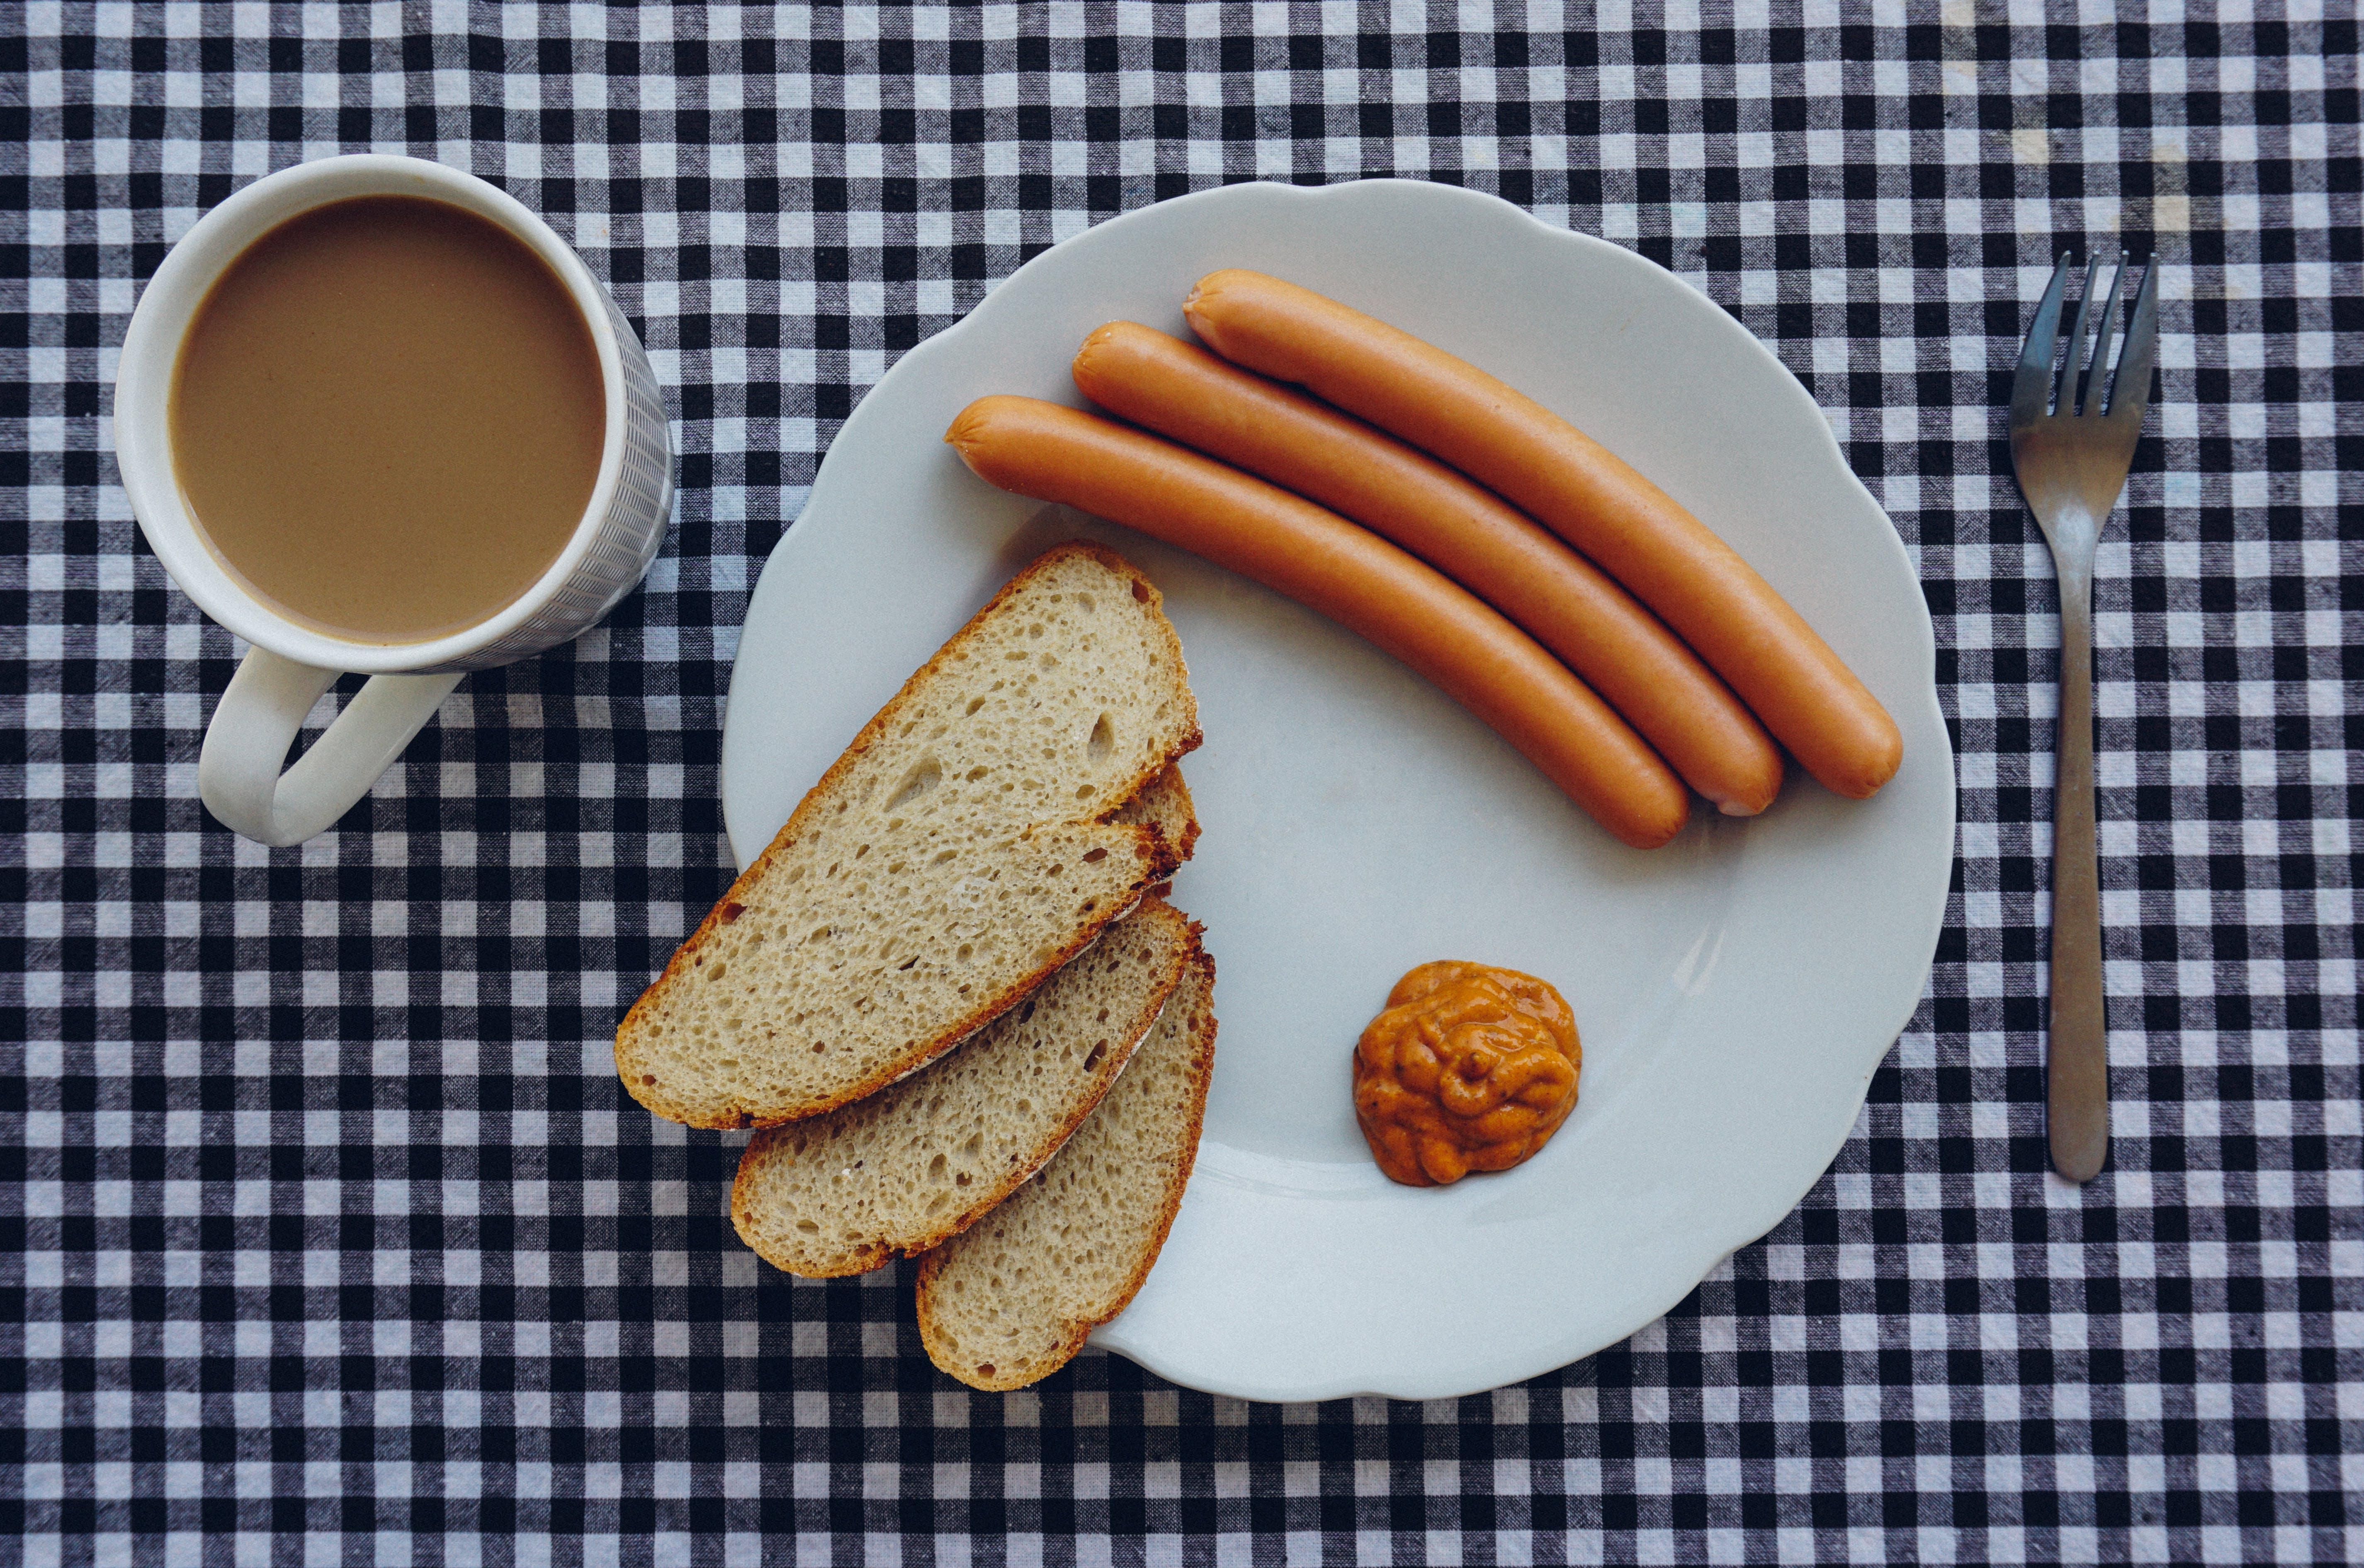 Δωρεάν στοκ φωτογραφιών με γεύμα, δείπνο, διχάλα, καφές